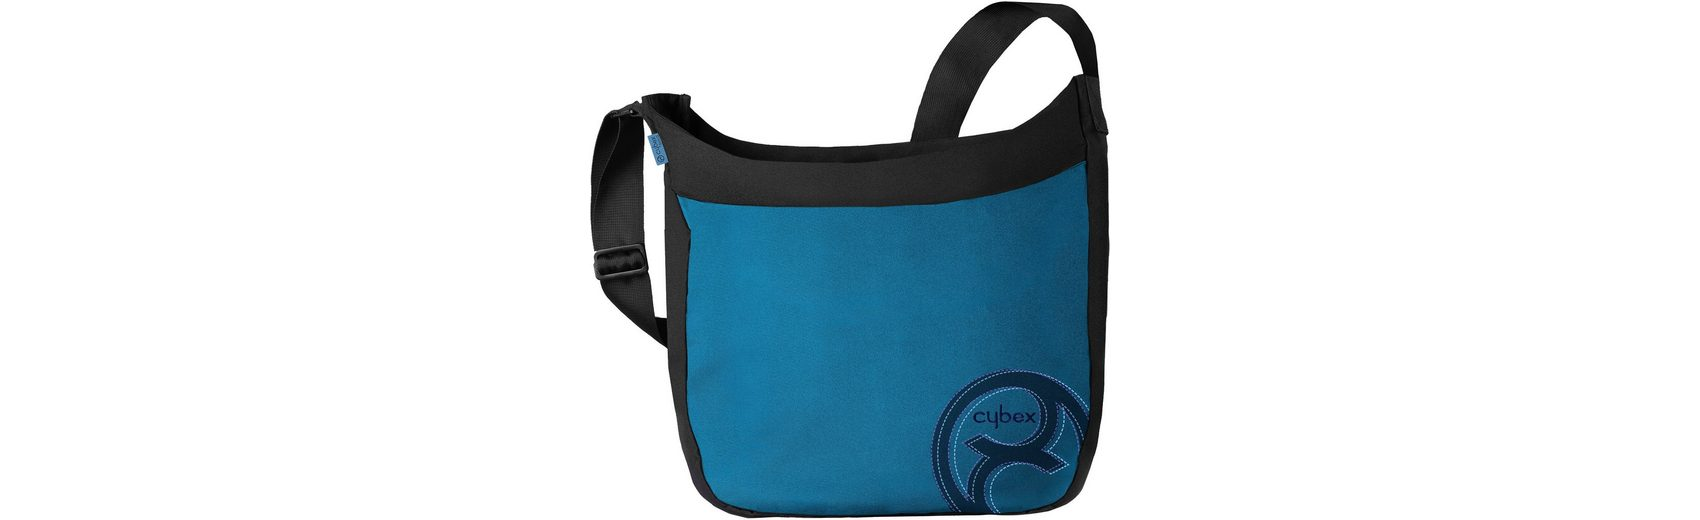 Cybex Wickeltasche, Blue